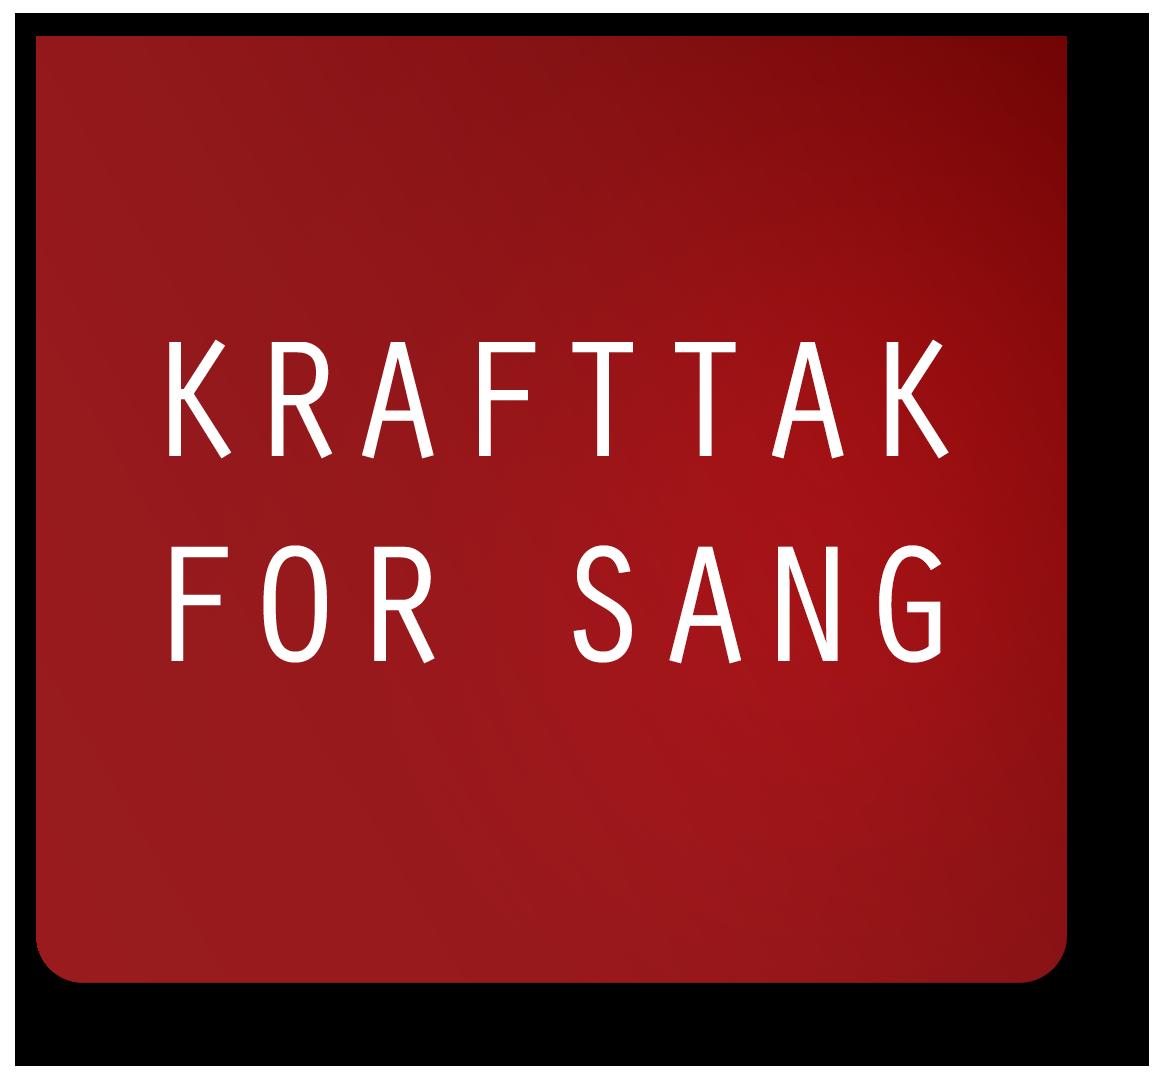 KRAFTTAK-MERKE.png